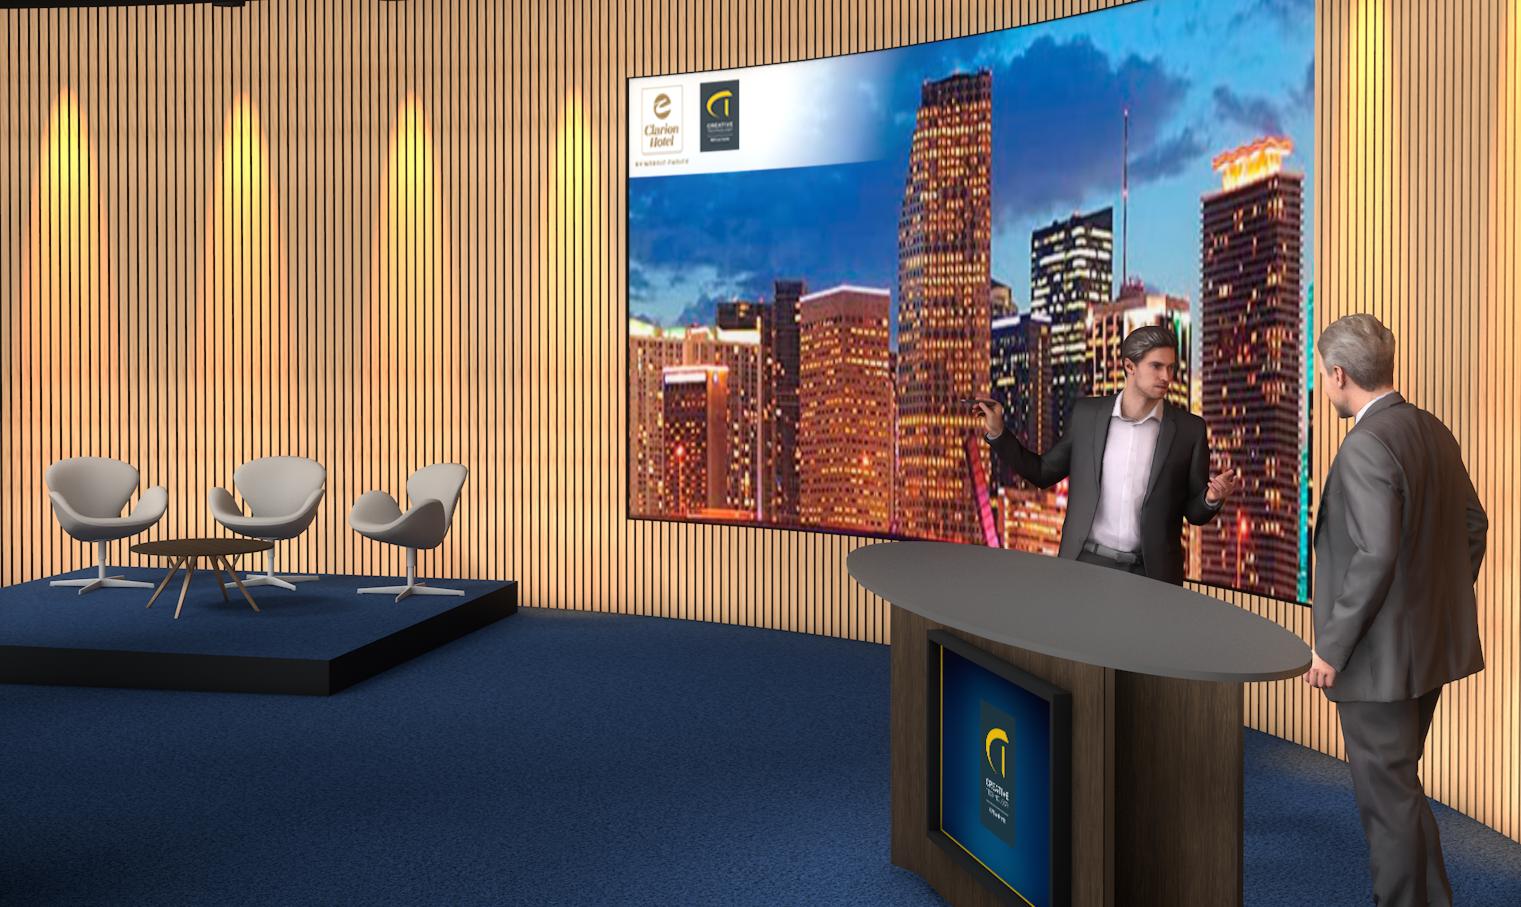 I ballroomet på Clarion Hotel Copenhagen Airport åbner hotellet nu et TV-studie til brug ved onlinemøder. Illustration via Clarion Hotel Copenhagen Airport.